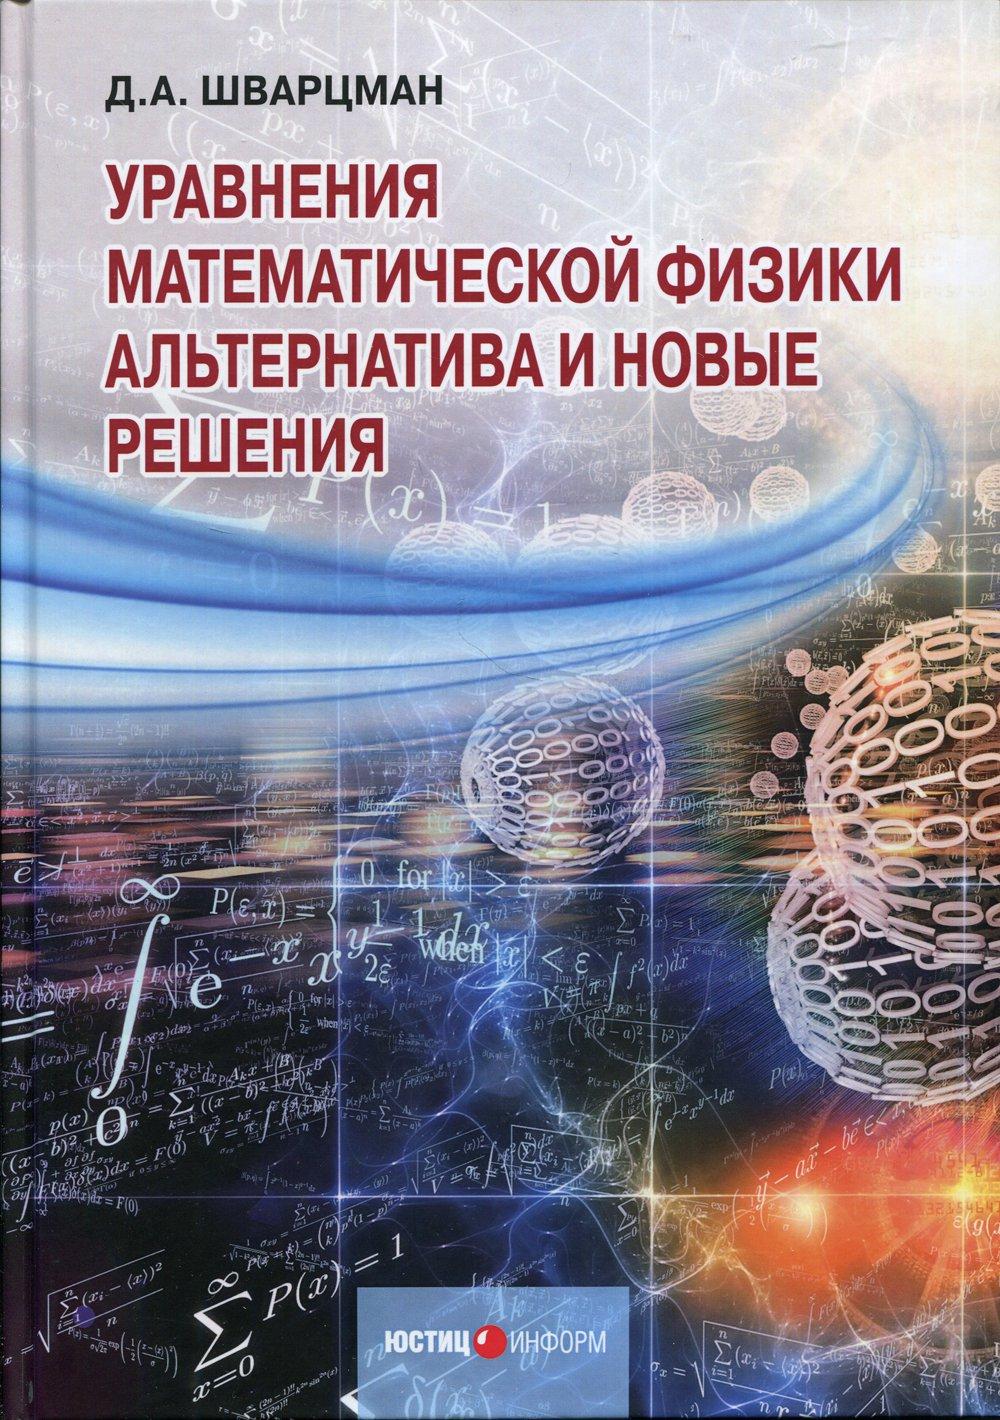 Уравнения математической физики: Альтернатива и новые решения